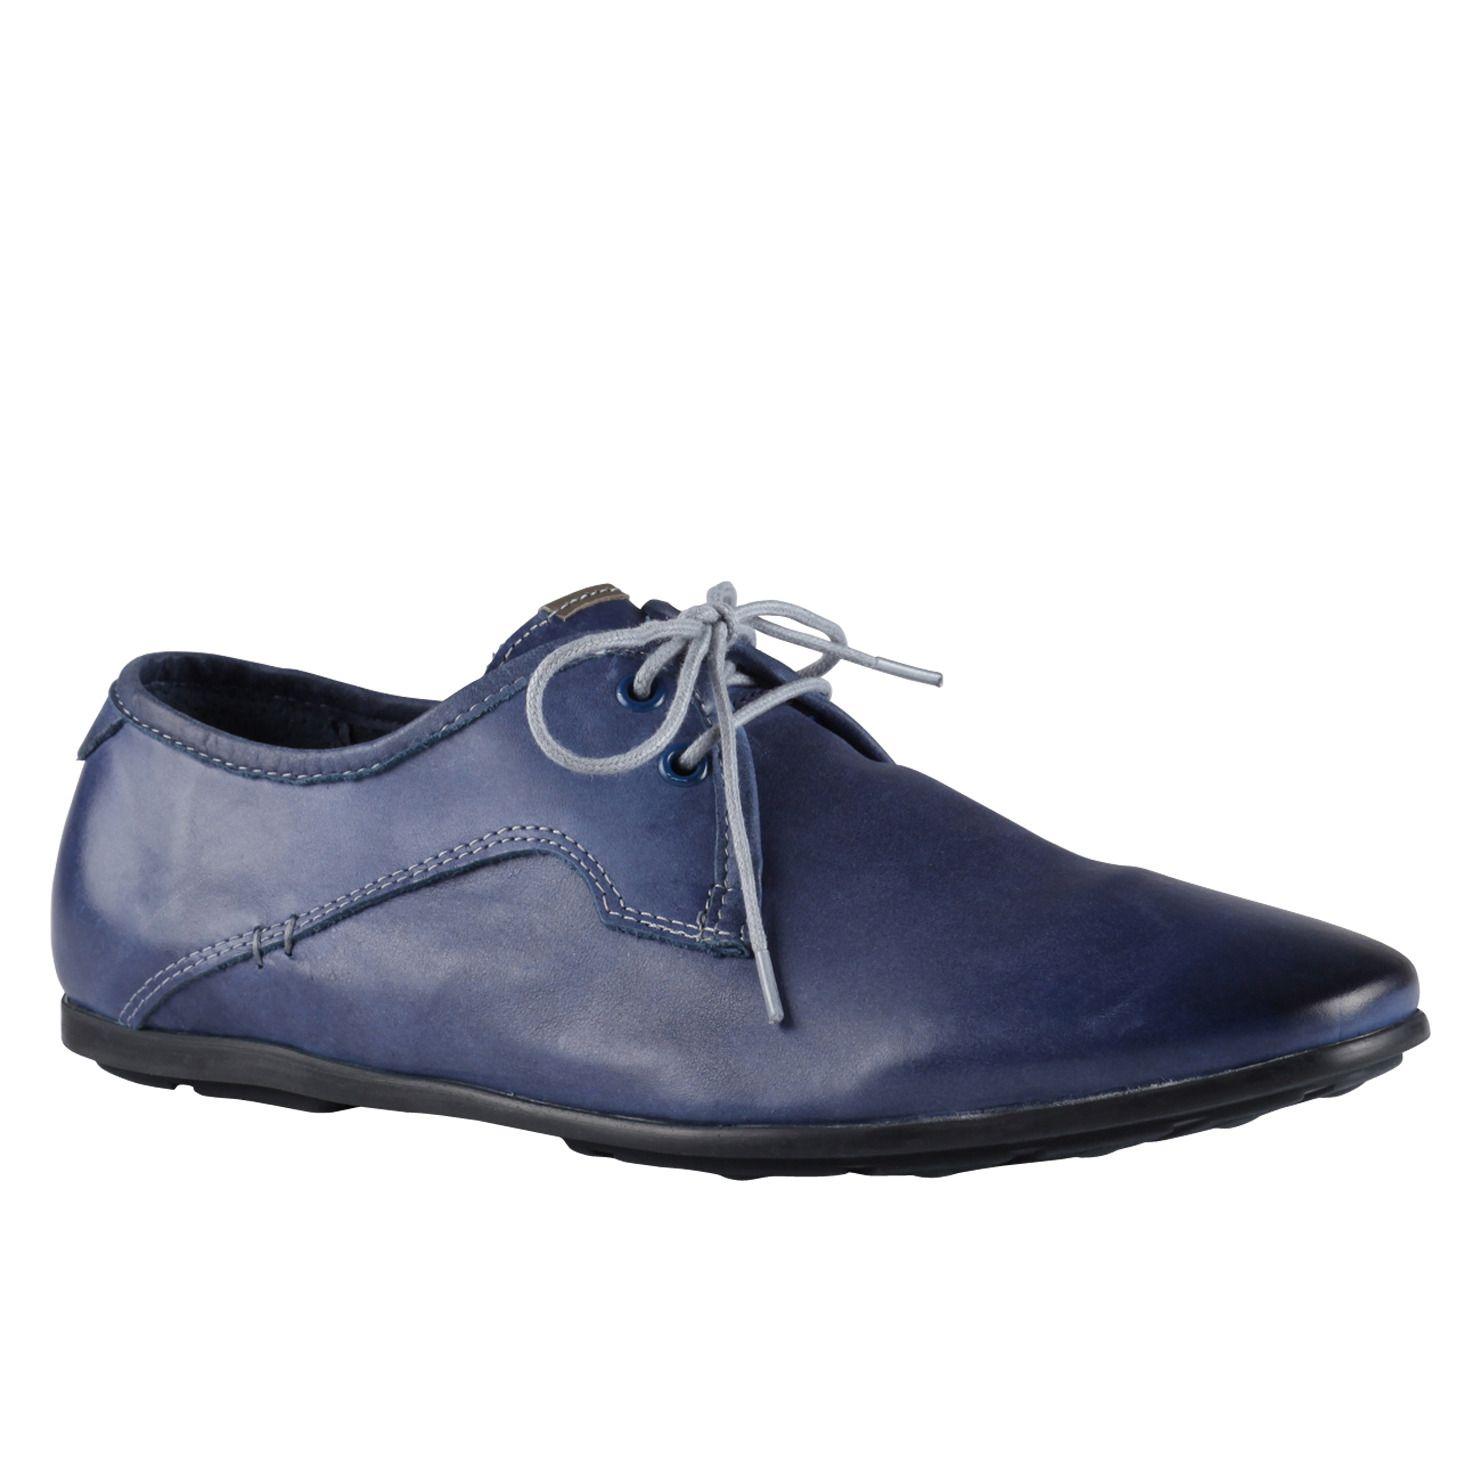 Godmund Sale S Sale Shoes Men For Sale At Aldo Shoes Rob S